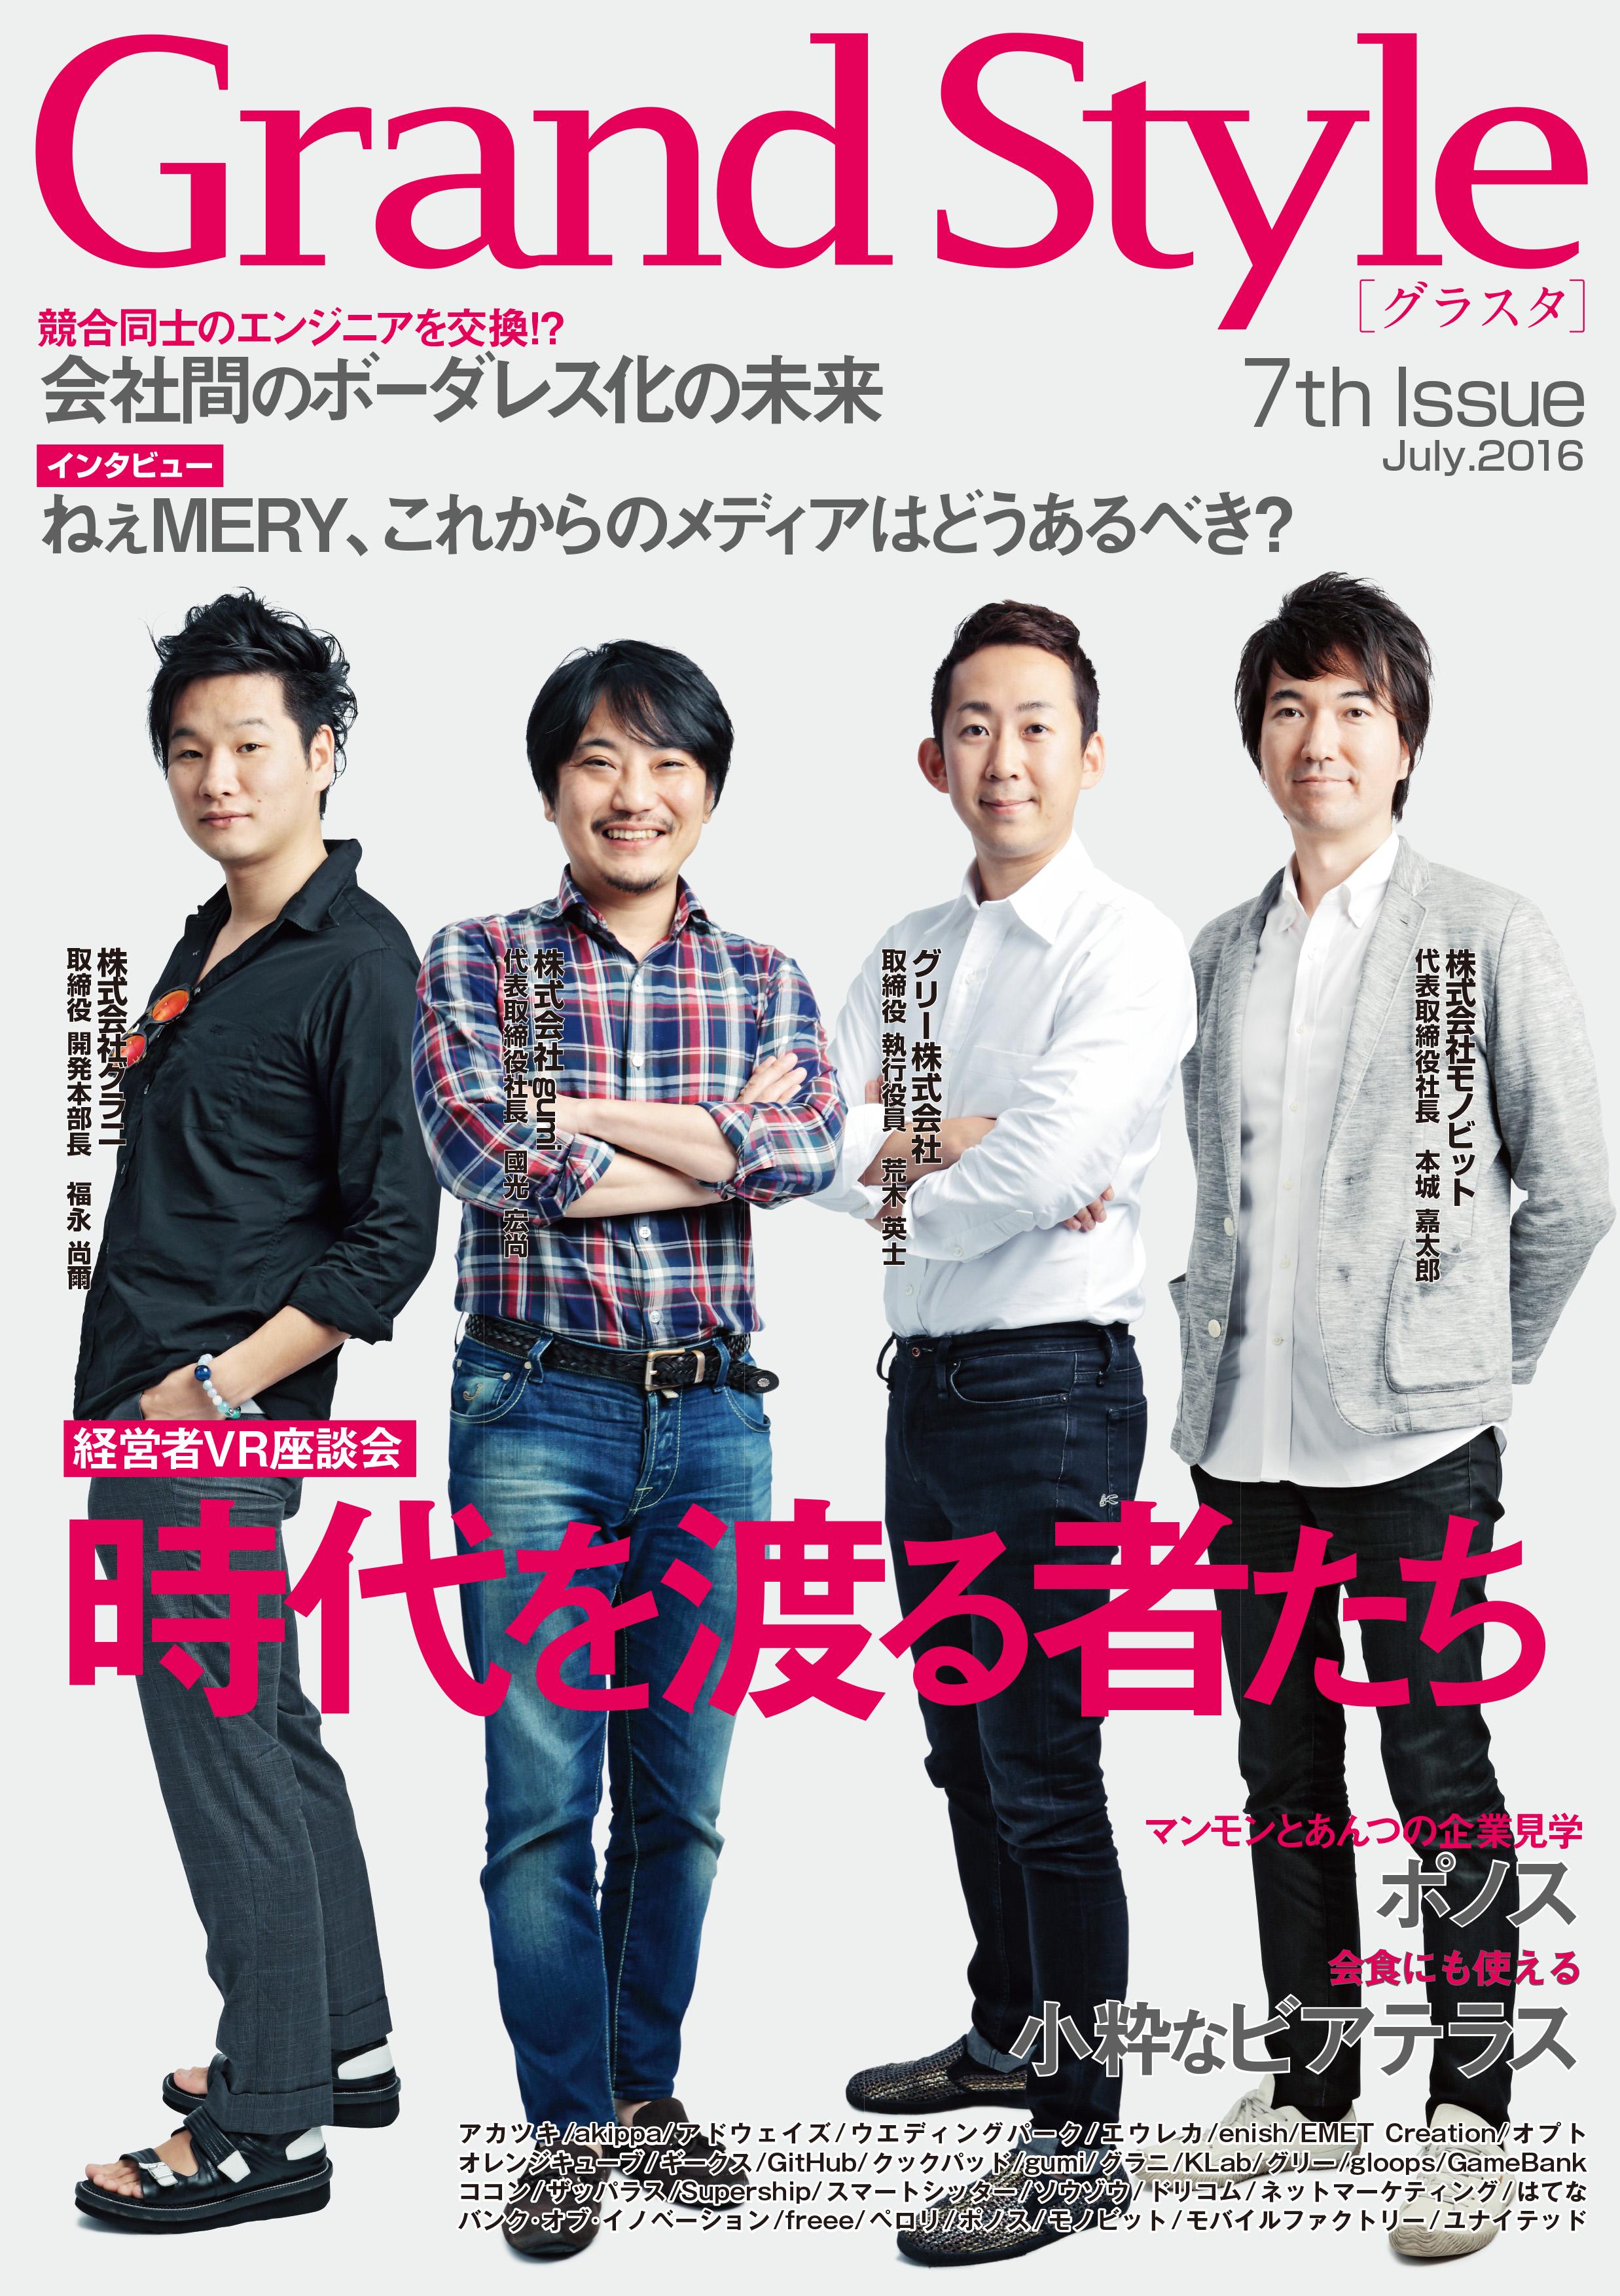 アプリ・ゲーム・IT業界の社員・社風を紹介する業界誌、『Grand Style』(愛称:グラスタ) 7<sup>th</sup> Issueを発行!